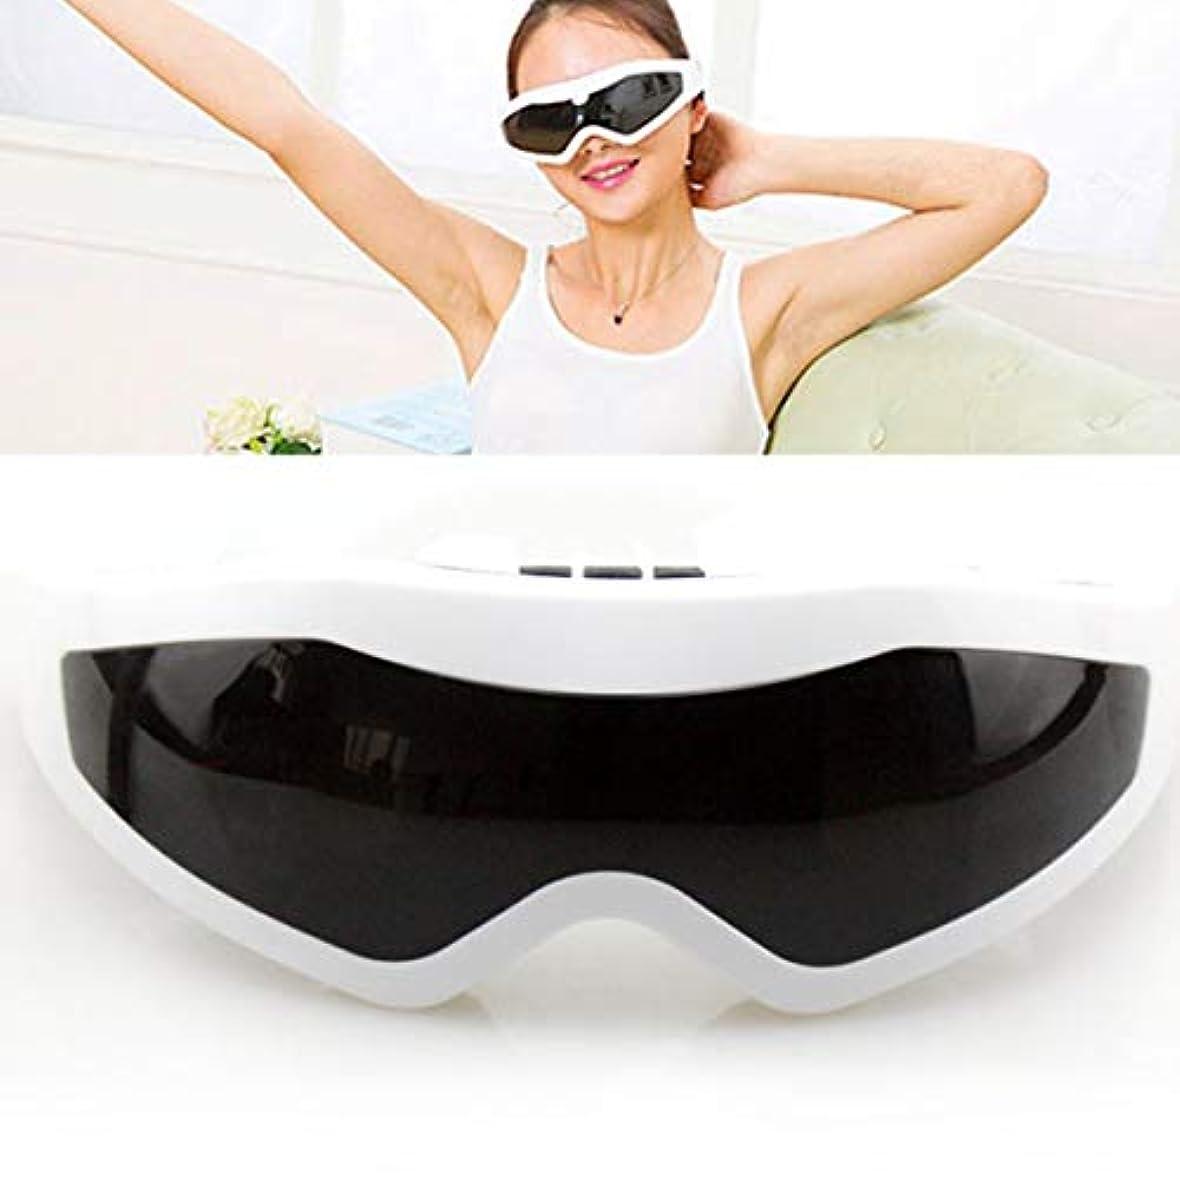 ピストン宿泊ピストンComfortable Electric Eye Massager Men Women Eye Brain Relax Magnetic Eye Health Care Massager Instrument Best Gift